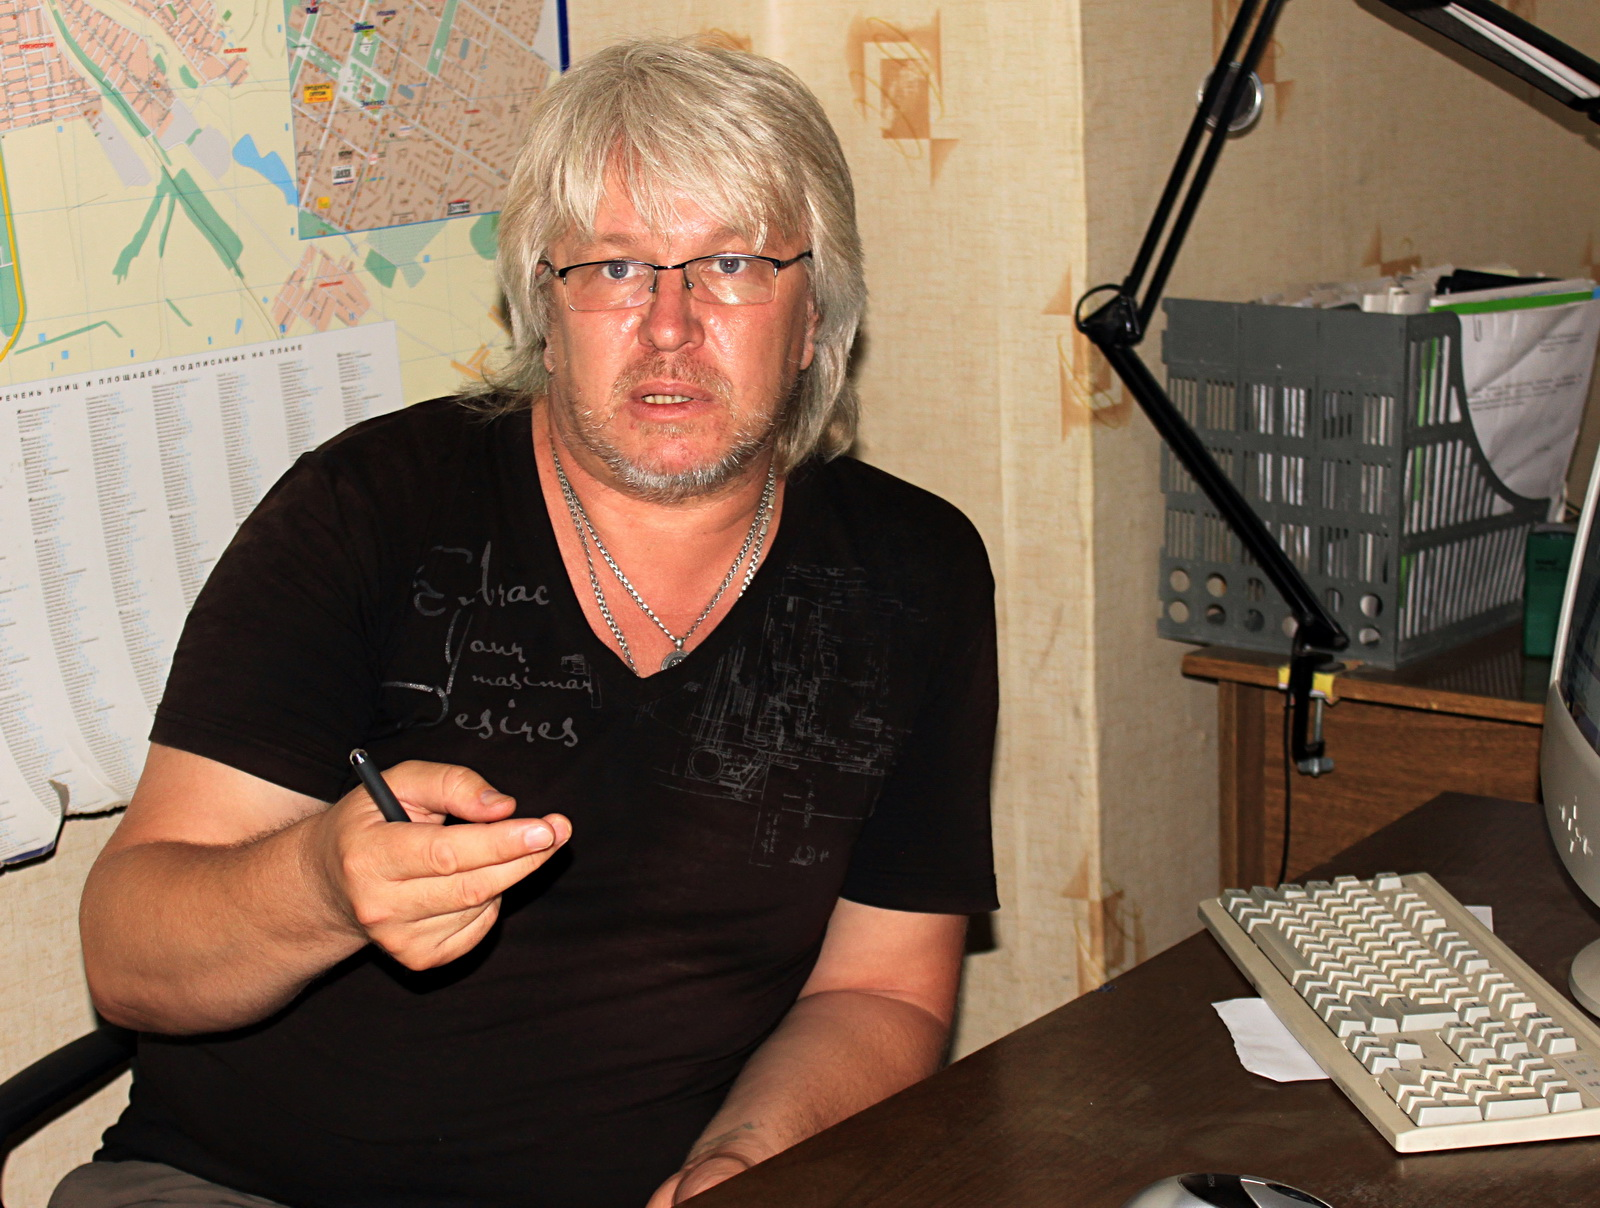 Олег Кубарь, главный редактор газеты «Технополис». Фото: Ирина Рудская